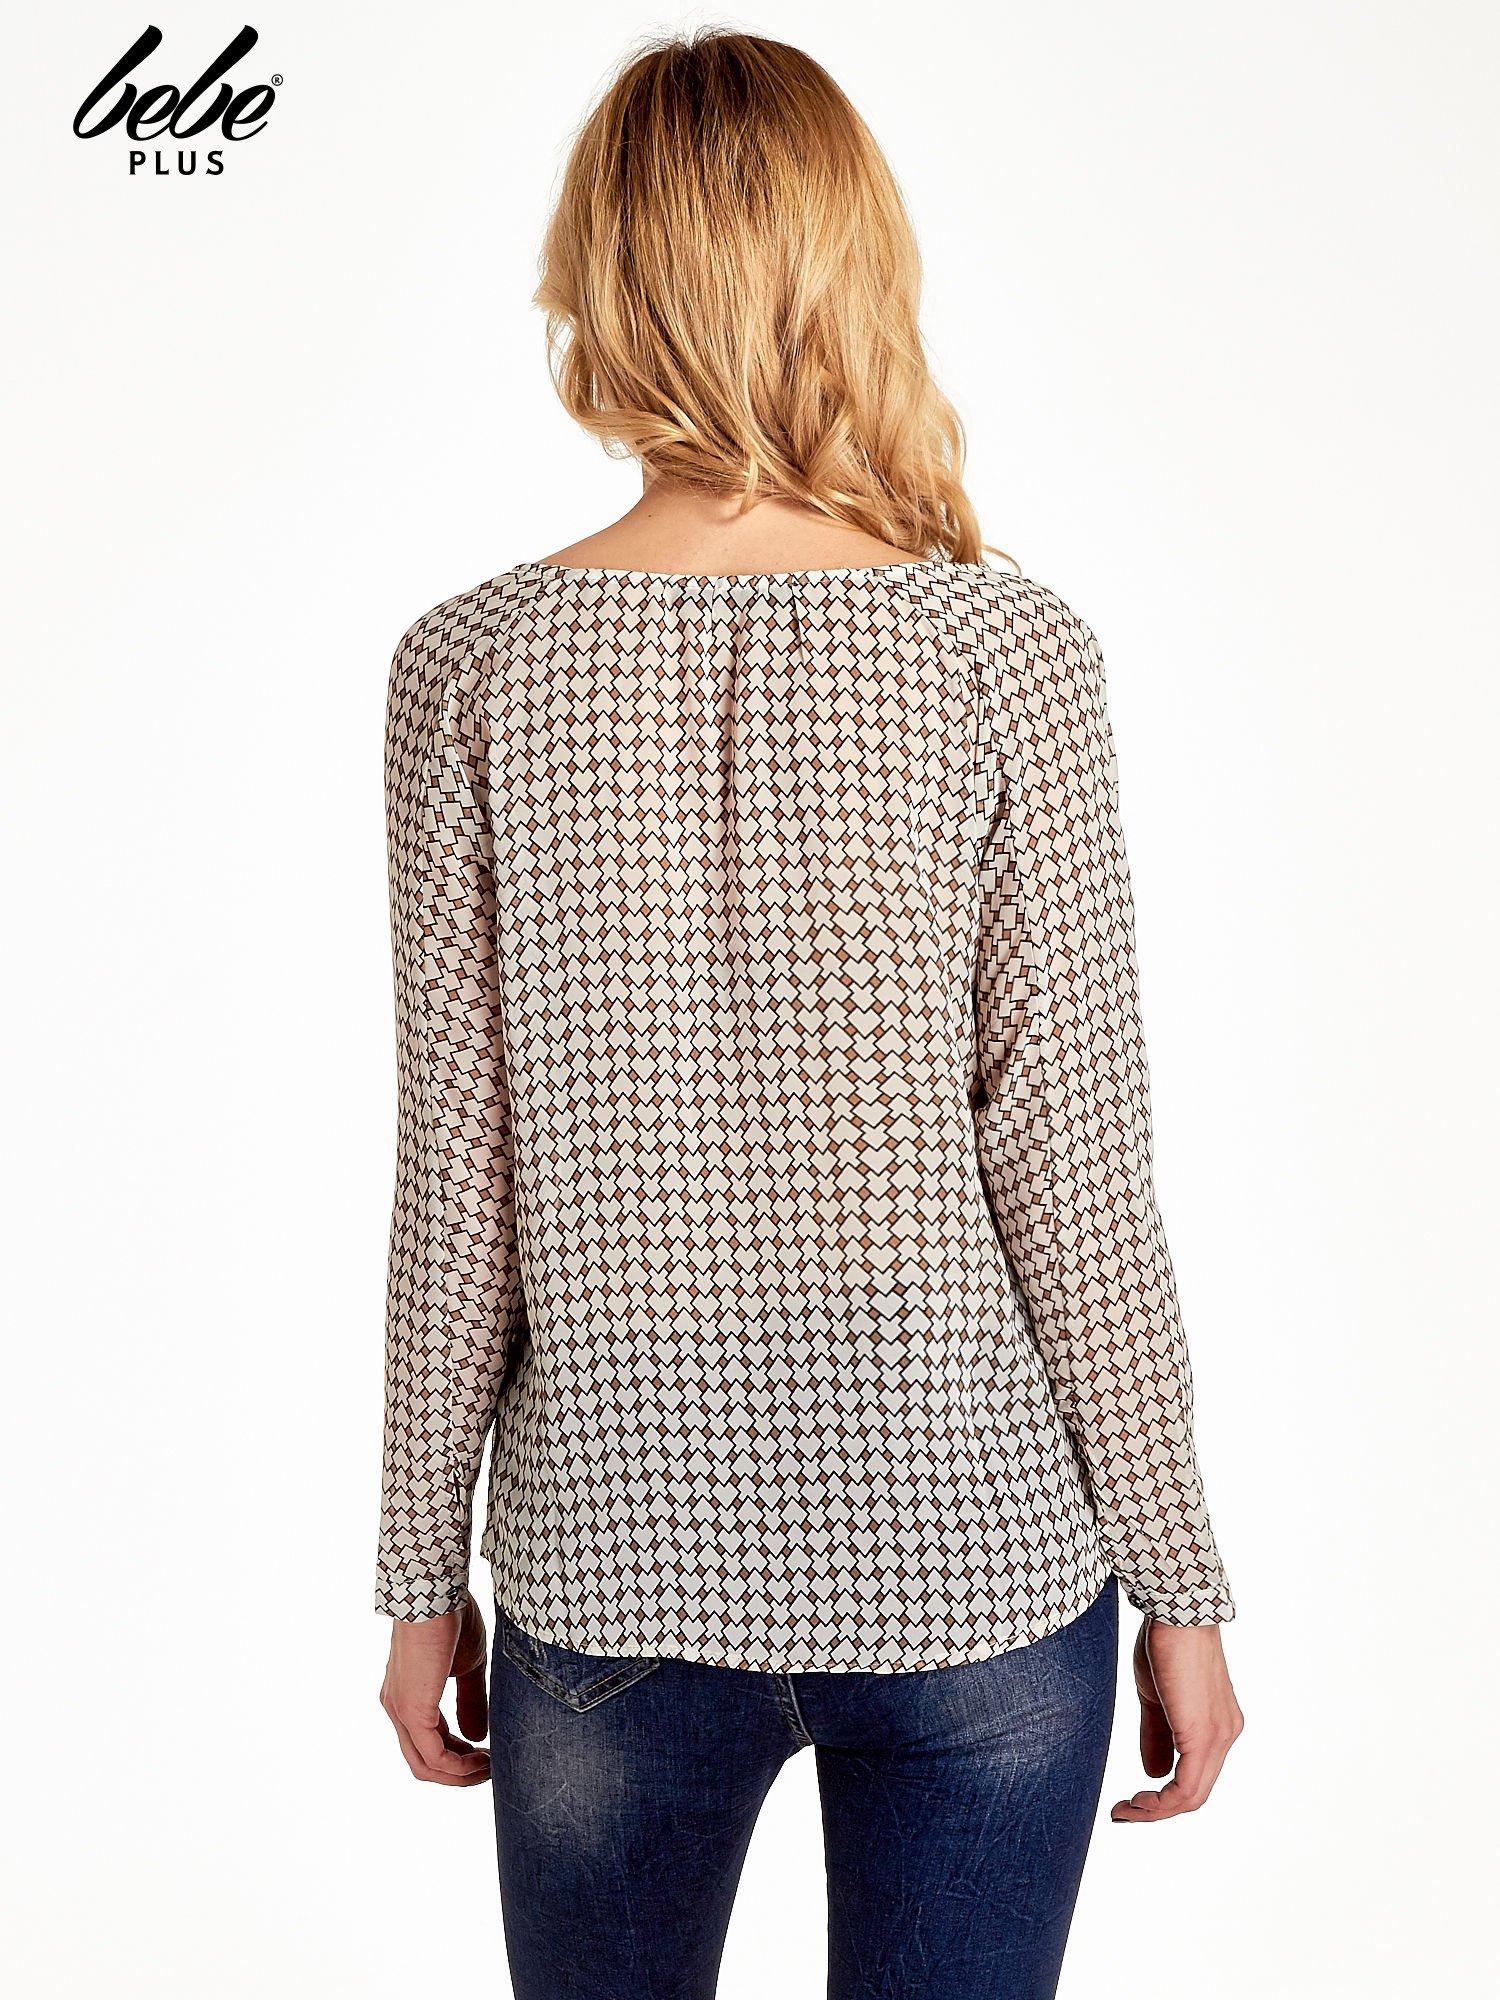 Ecru-brązowa koszula w geometryczne wzory                                  zdj.                                  4